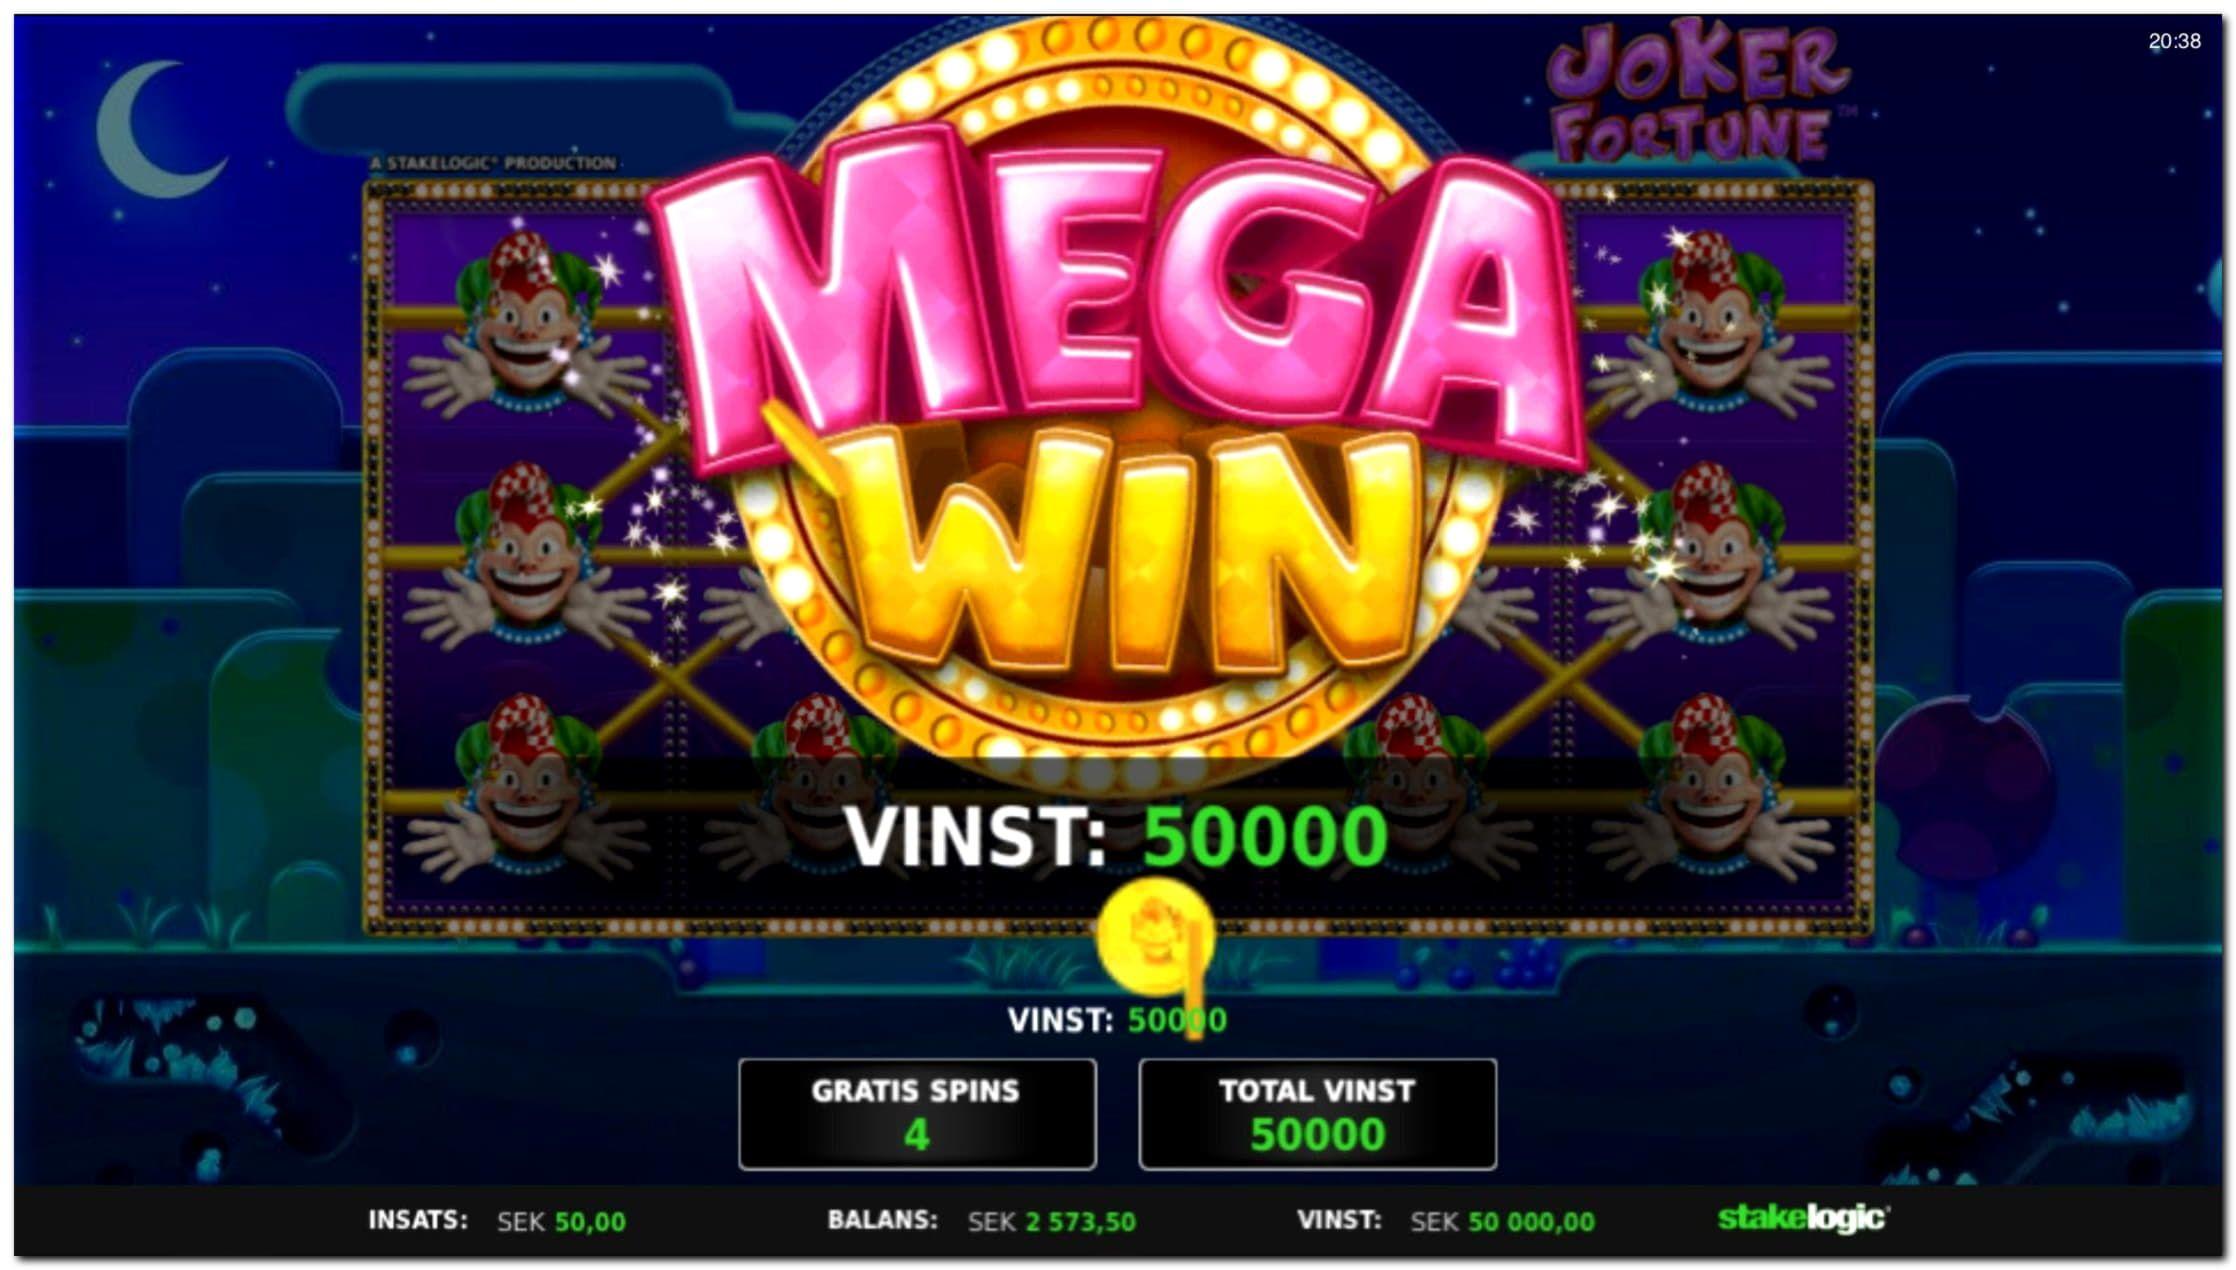 80 Free Casino Spins At Casino Com 65x Play Through Casino 873000 Max Cash Outadditional Casino Bonus 170 Free Casino Casino Bonus Online Casino Bonus Casino